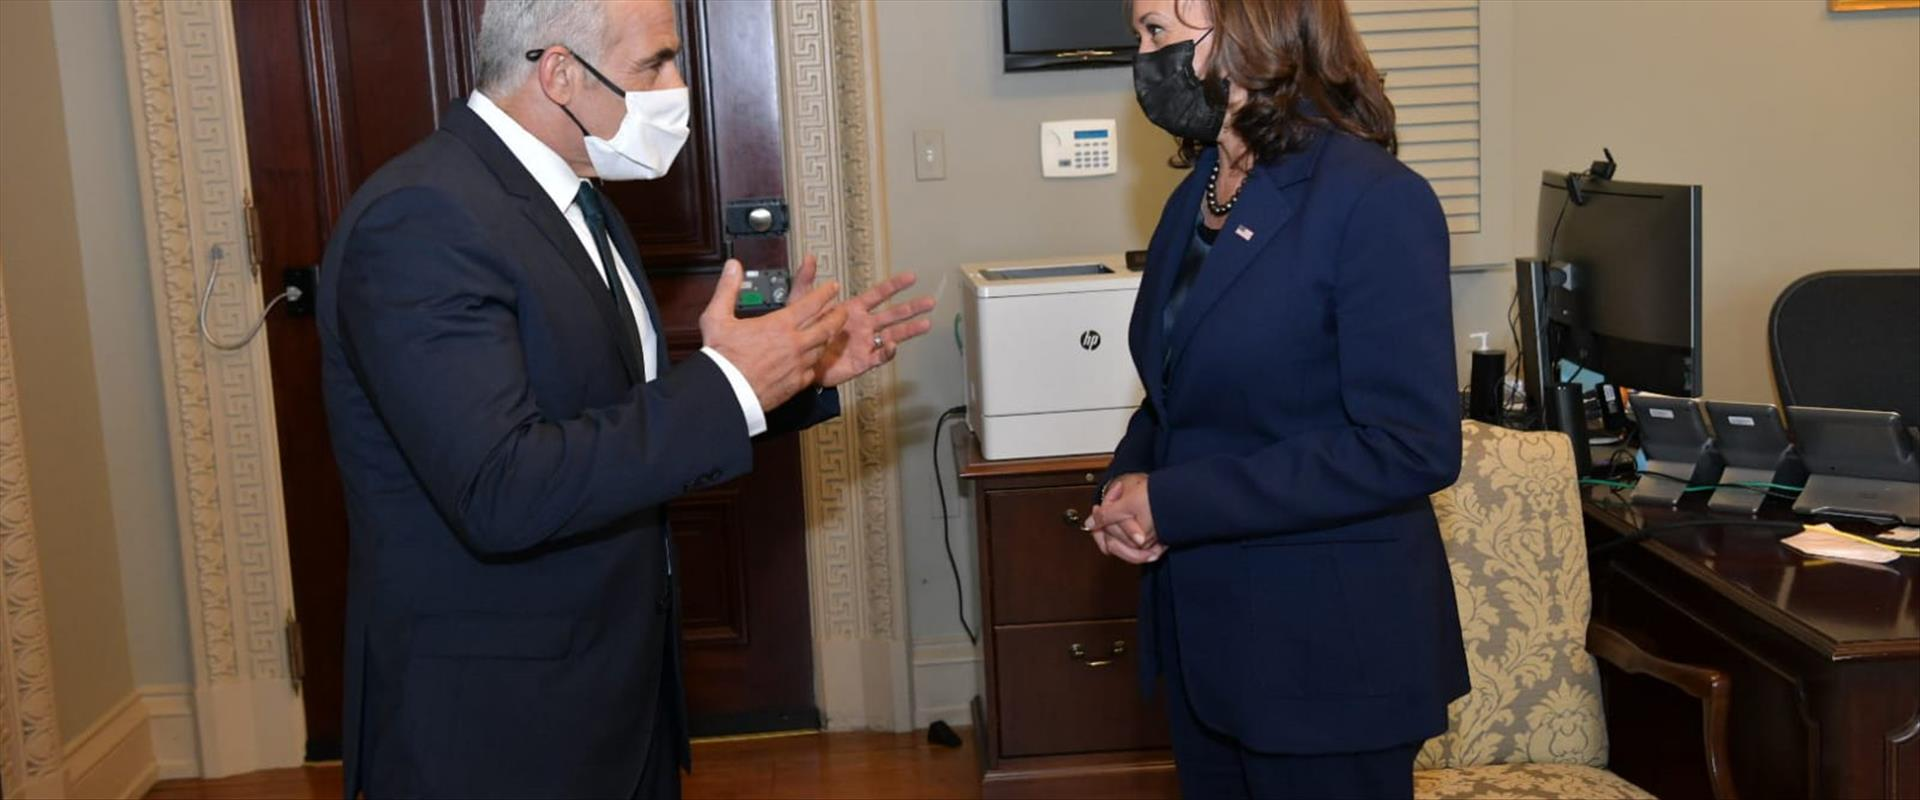 """שר החוץ לפיד בפגישה עם סגנית נשיא ארה""""ב האריס, הלי"""